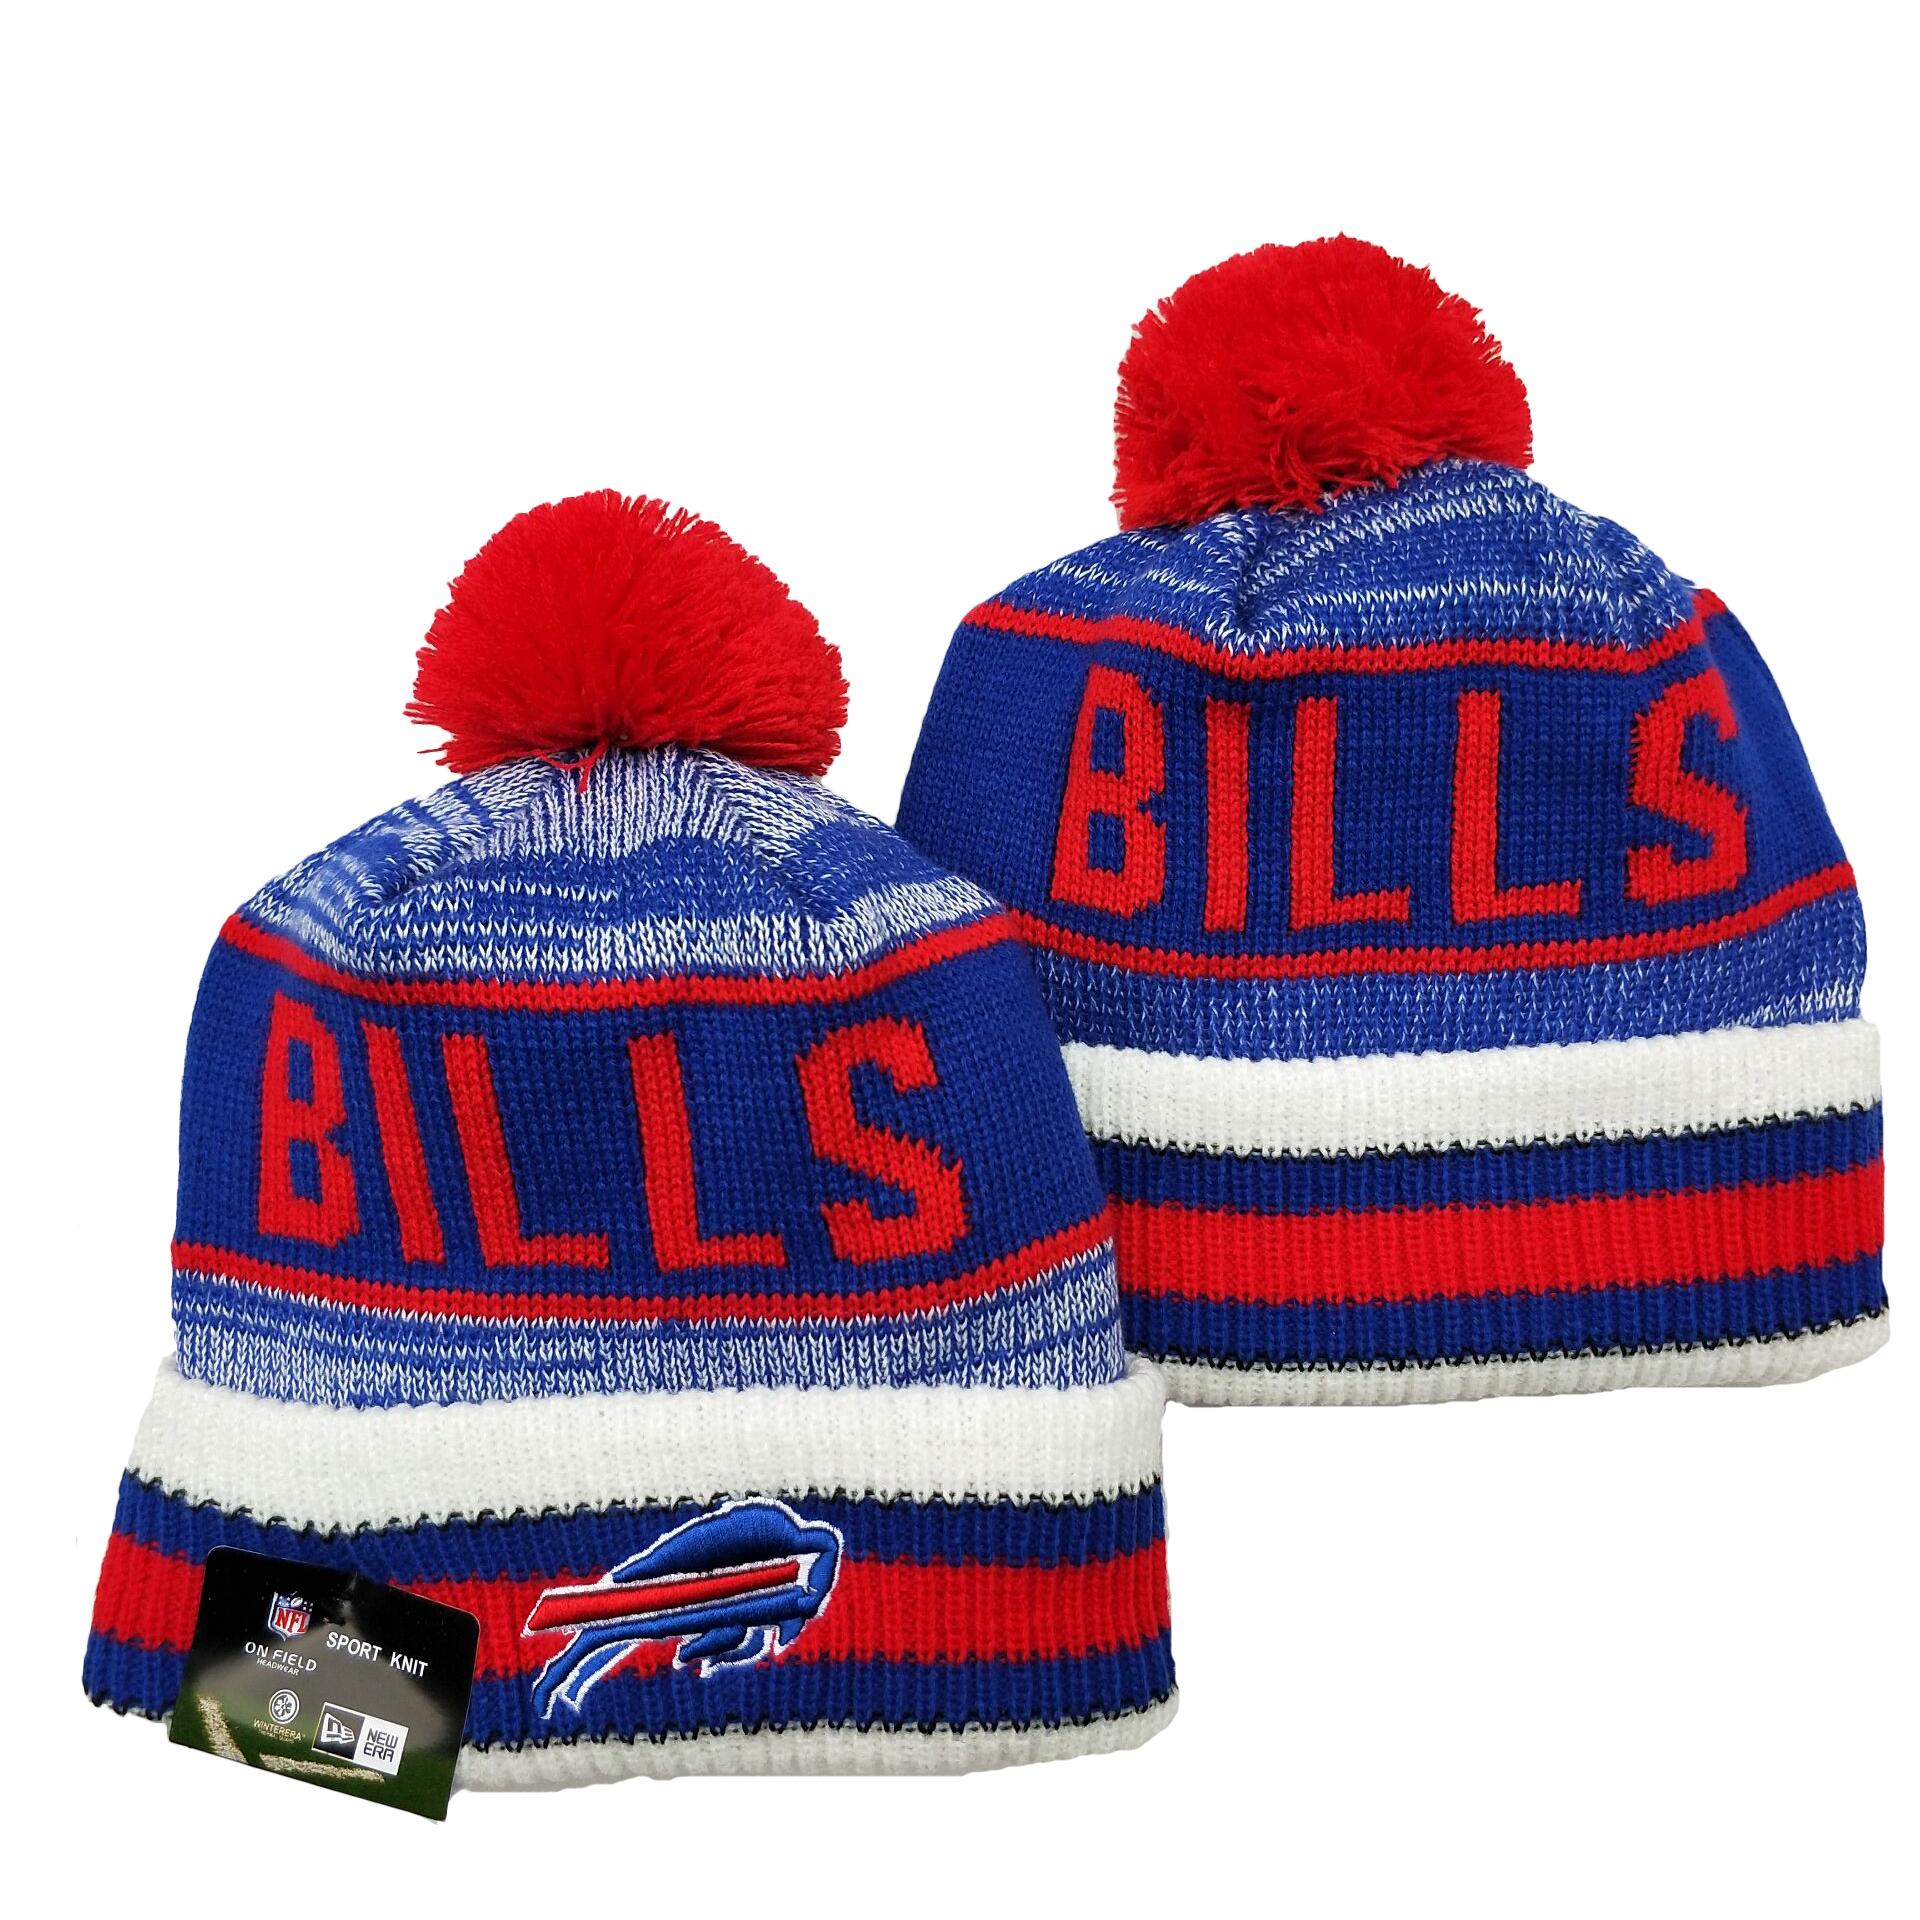 Bills Team Logo Royal Red Pom Cuffed Knit Hat YD